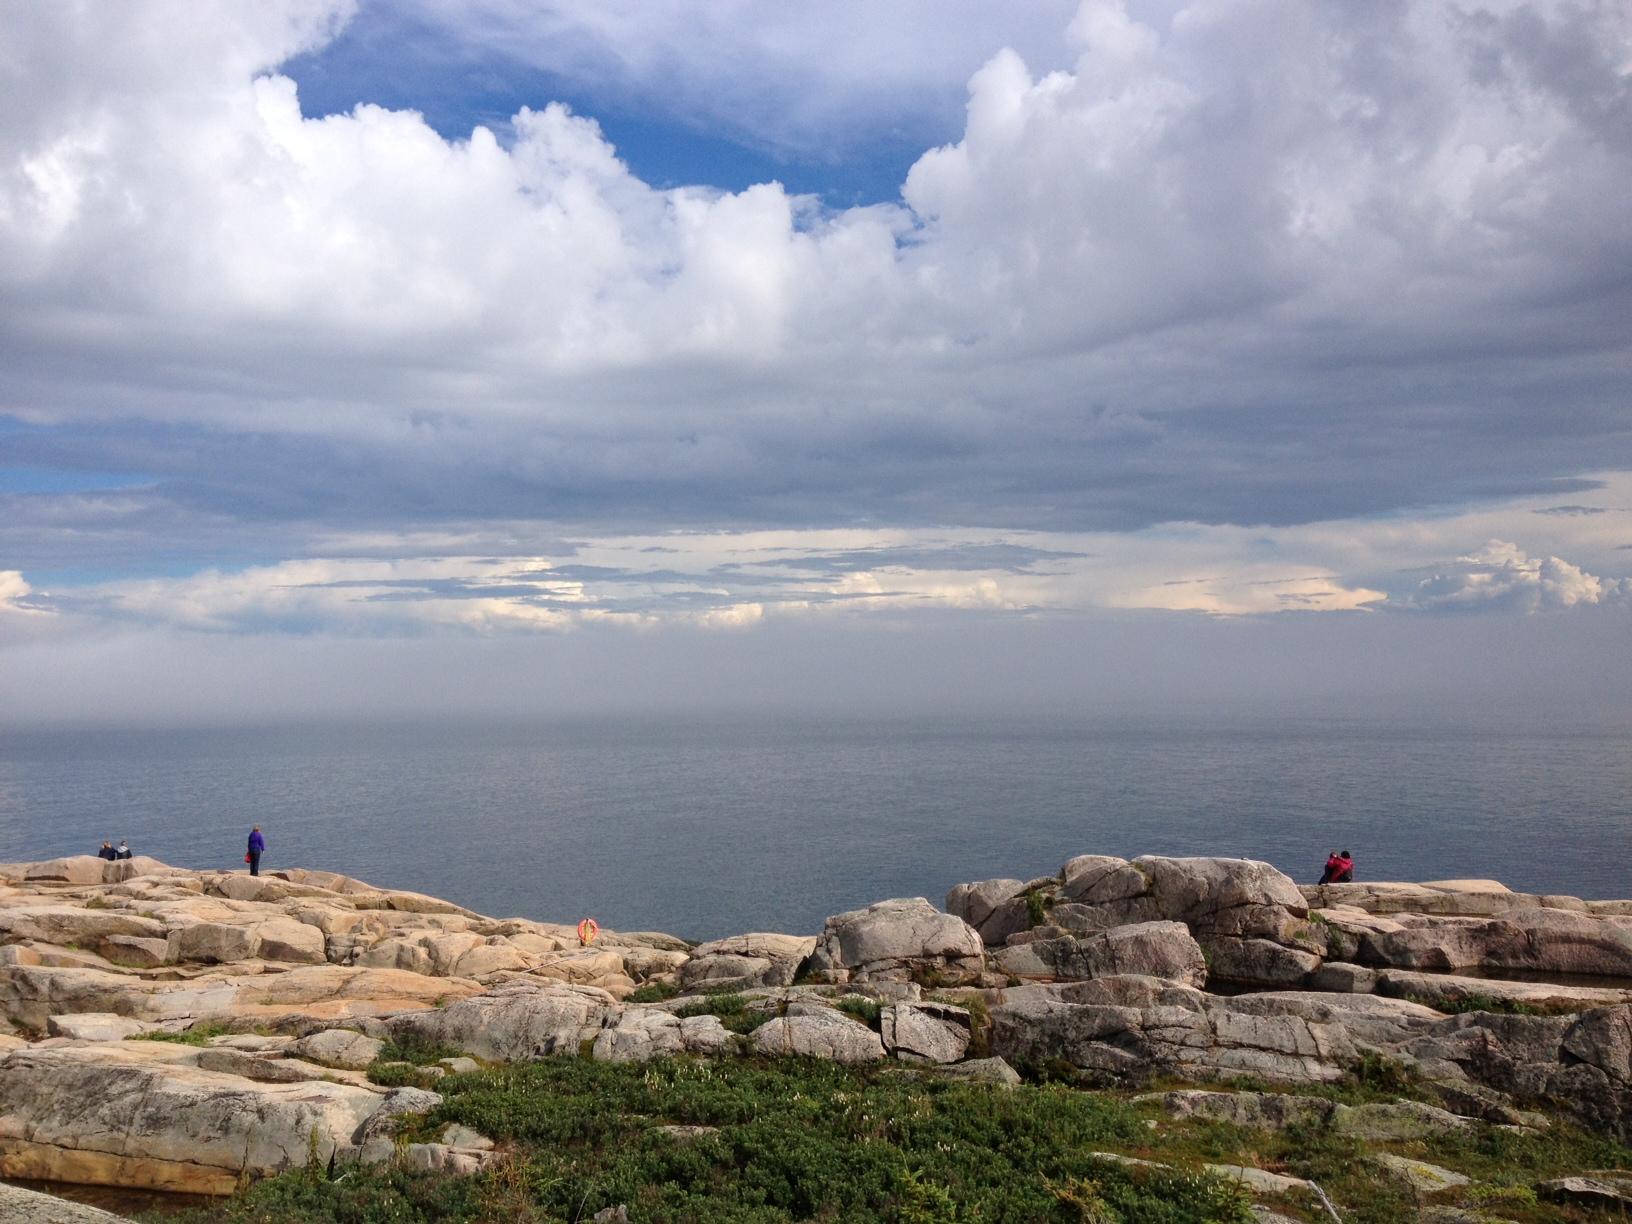 Le Saint-Laurent vu du Cap-de-bon-désir